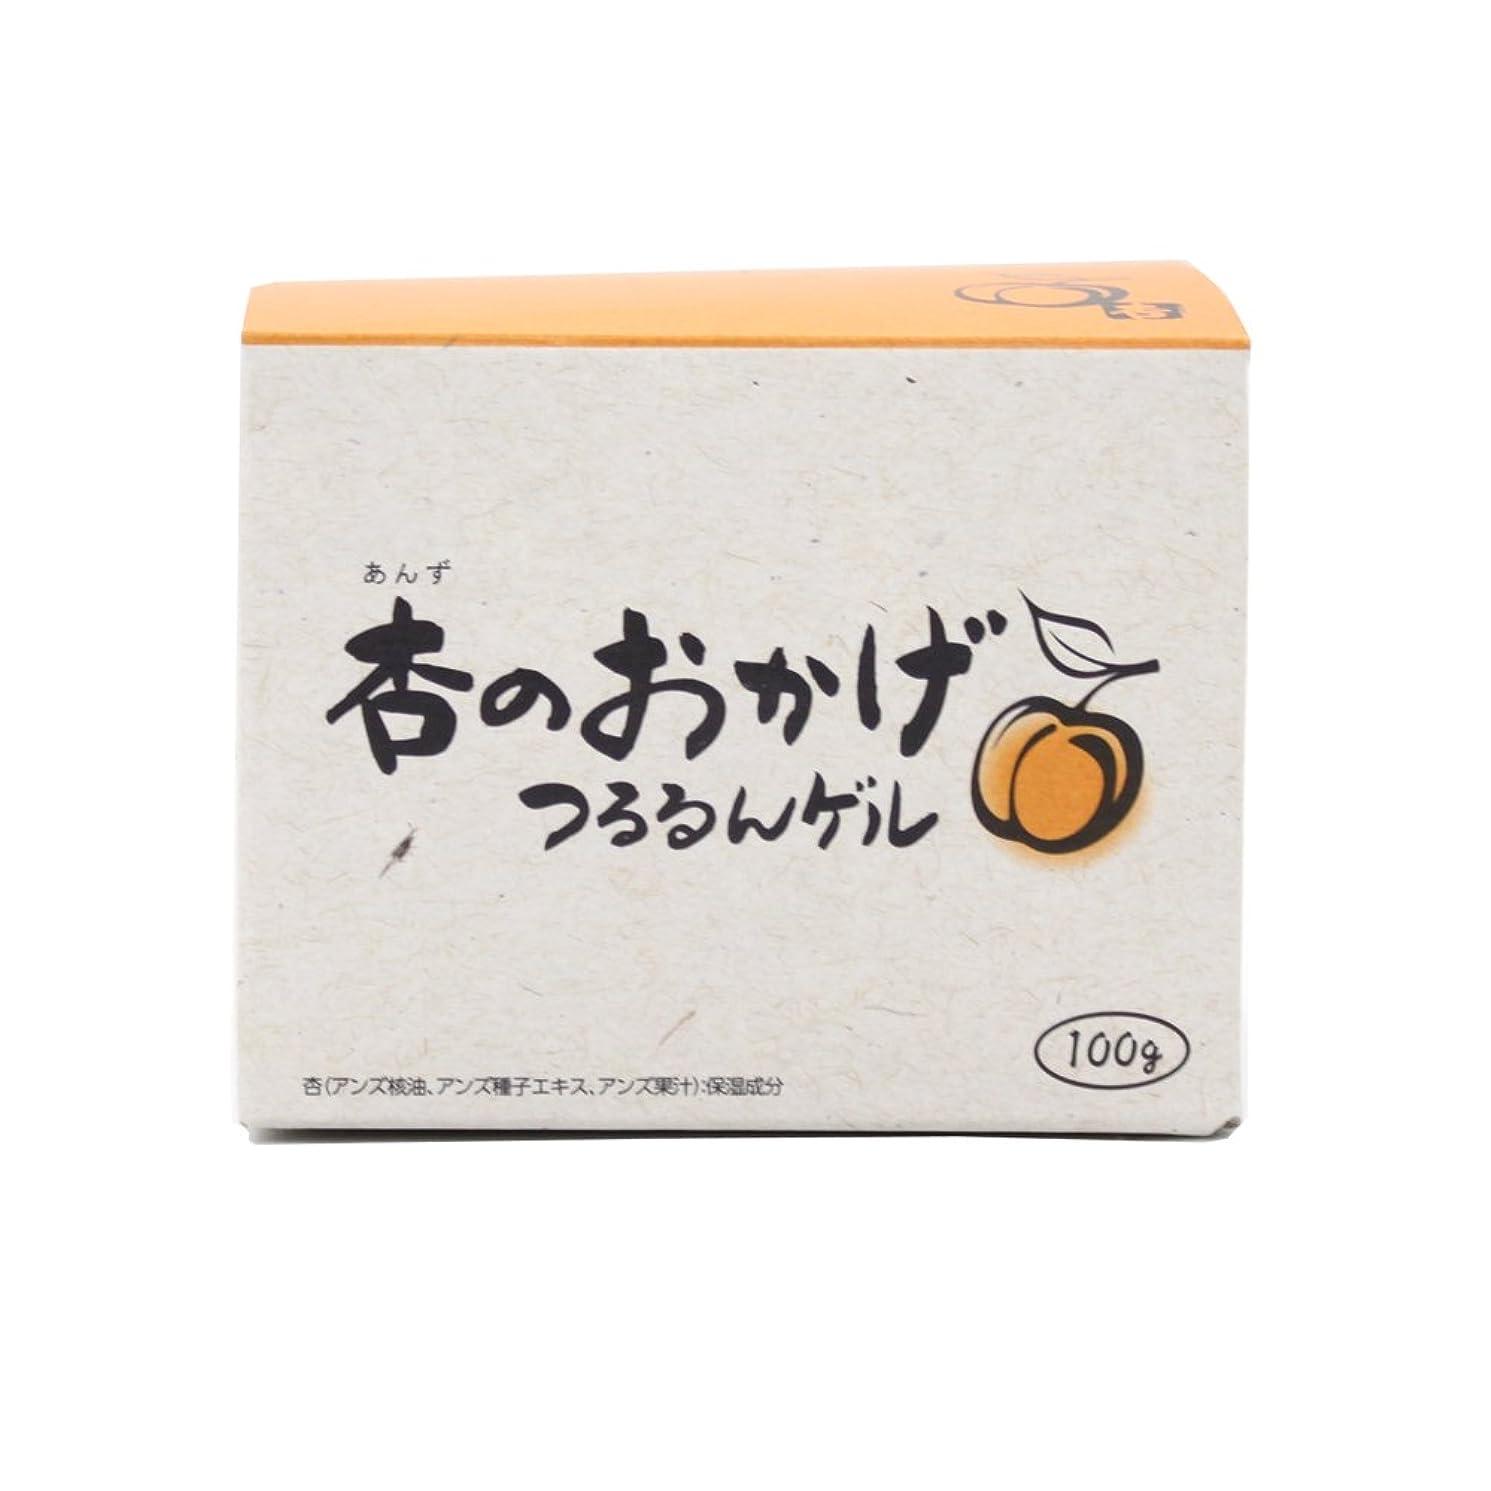 未知の対象ベンチプラセス製薬 杏のおかげ つるるんゲル 100g